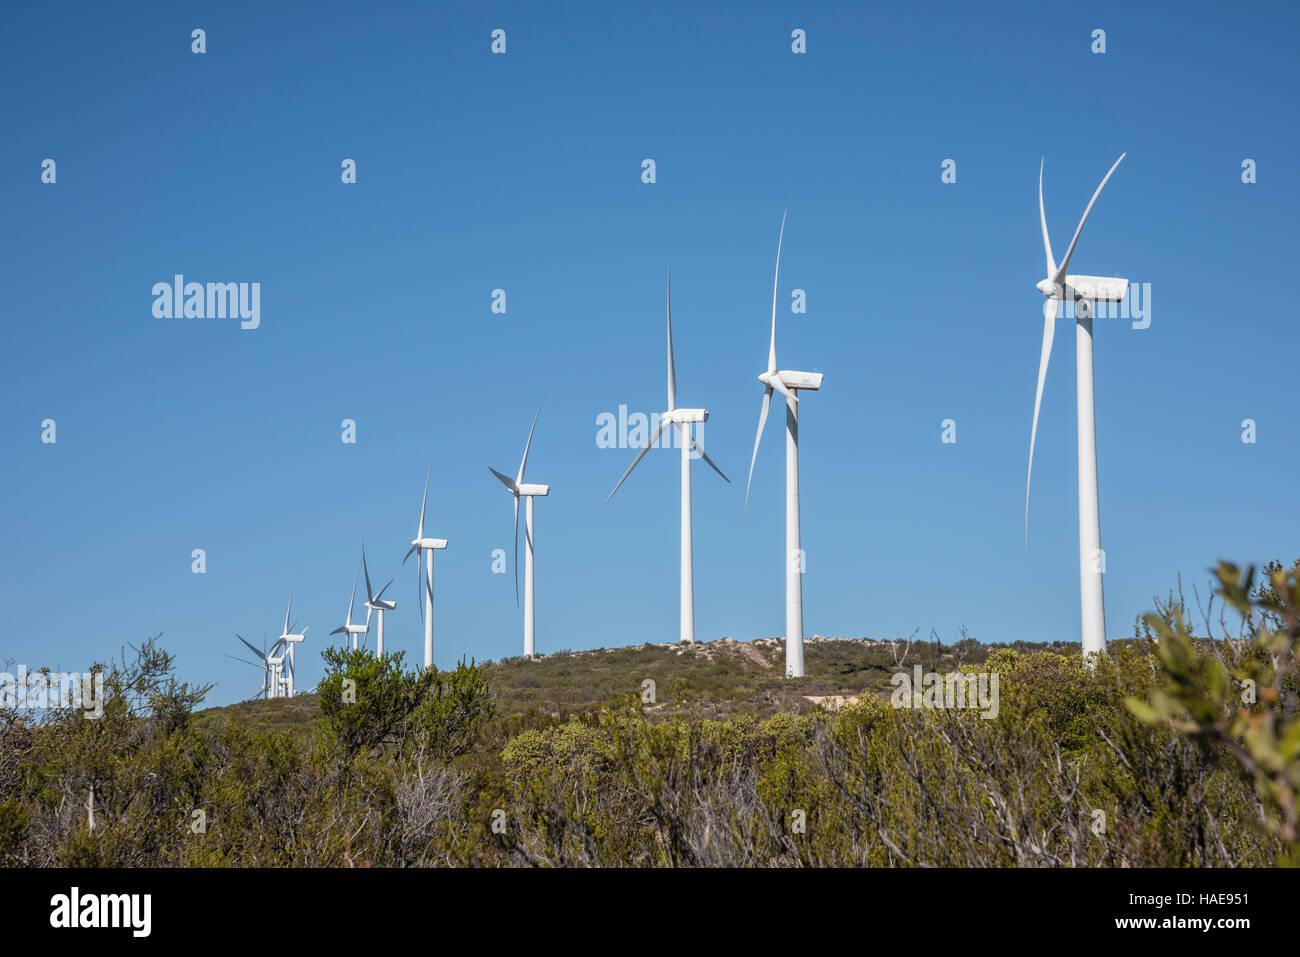 Kumeyaay wind turbine éolienne de production d'électricité, de la ferme à Tecate, diviser Photo Stock